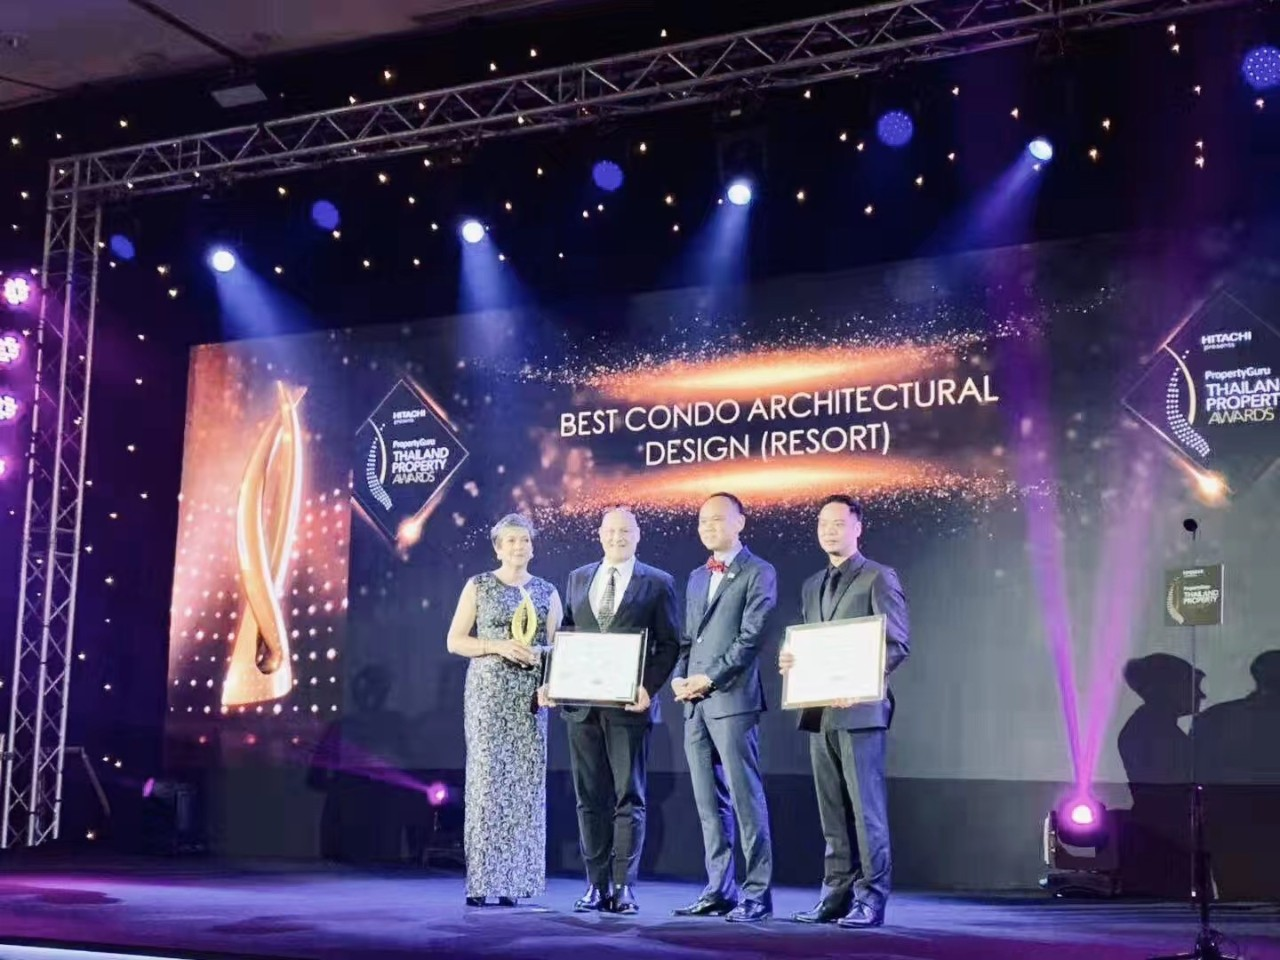 UTOPIA获普吉岛最佳公寓开发商大奖!连续两年获得泰国房地产大师奖!